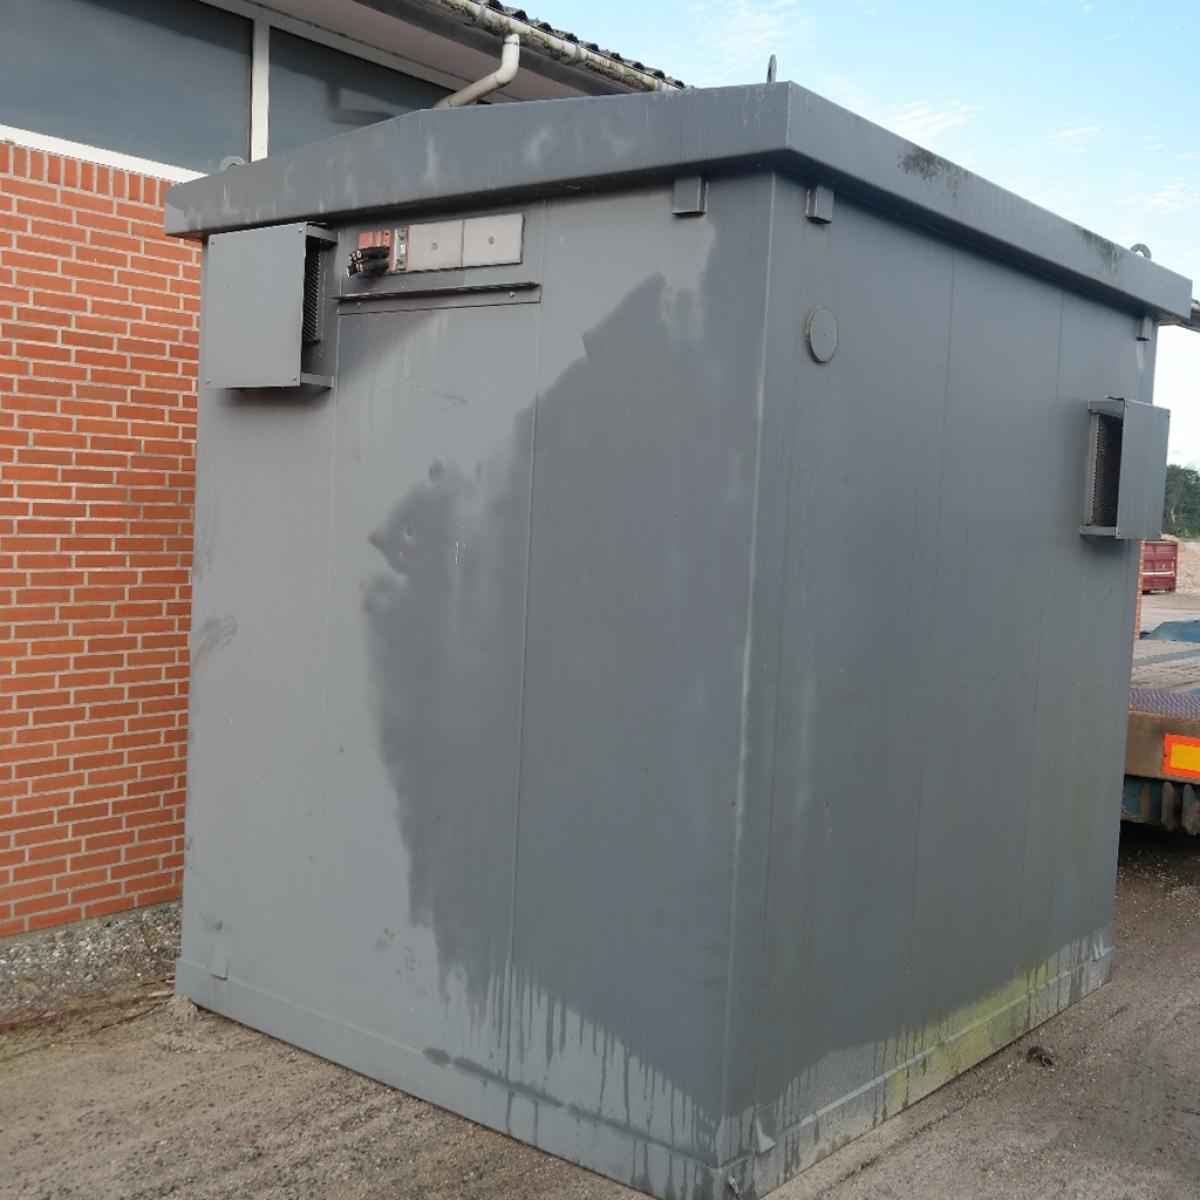 Erfreut Wie Man Elektrischen Draht In Einem Haus Installiert Bilder ...